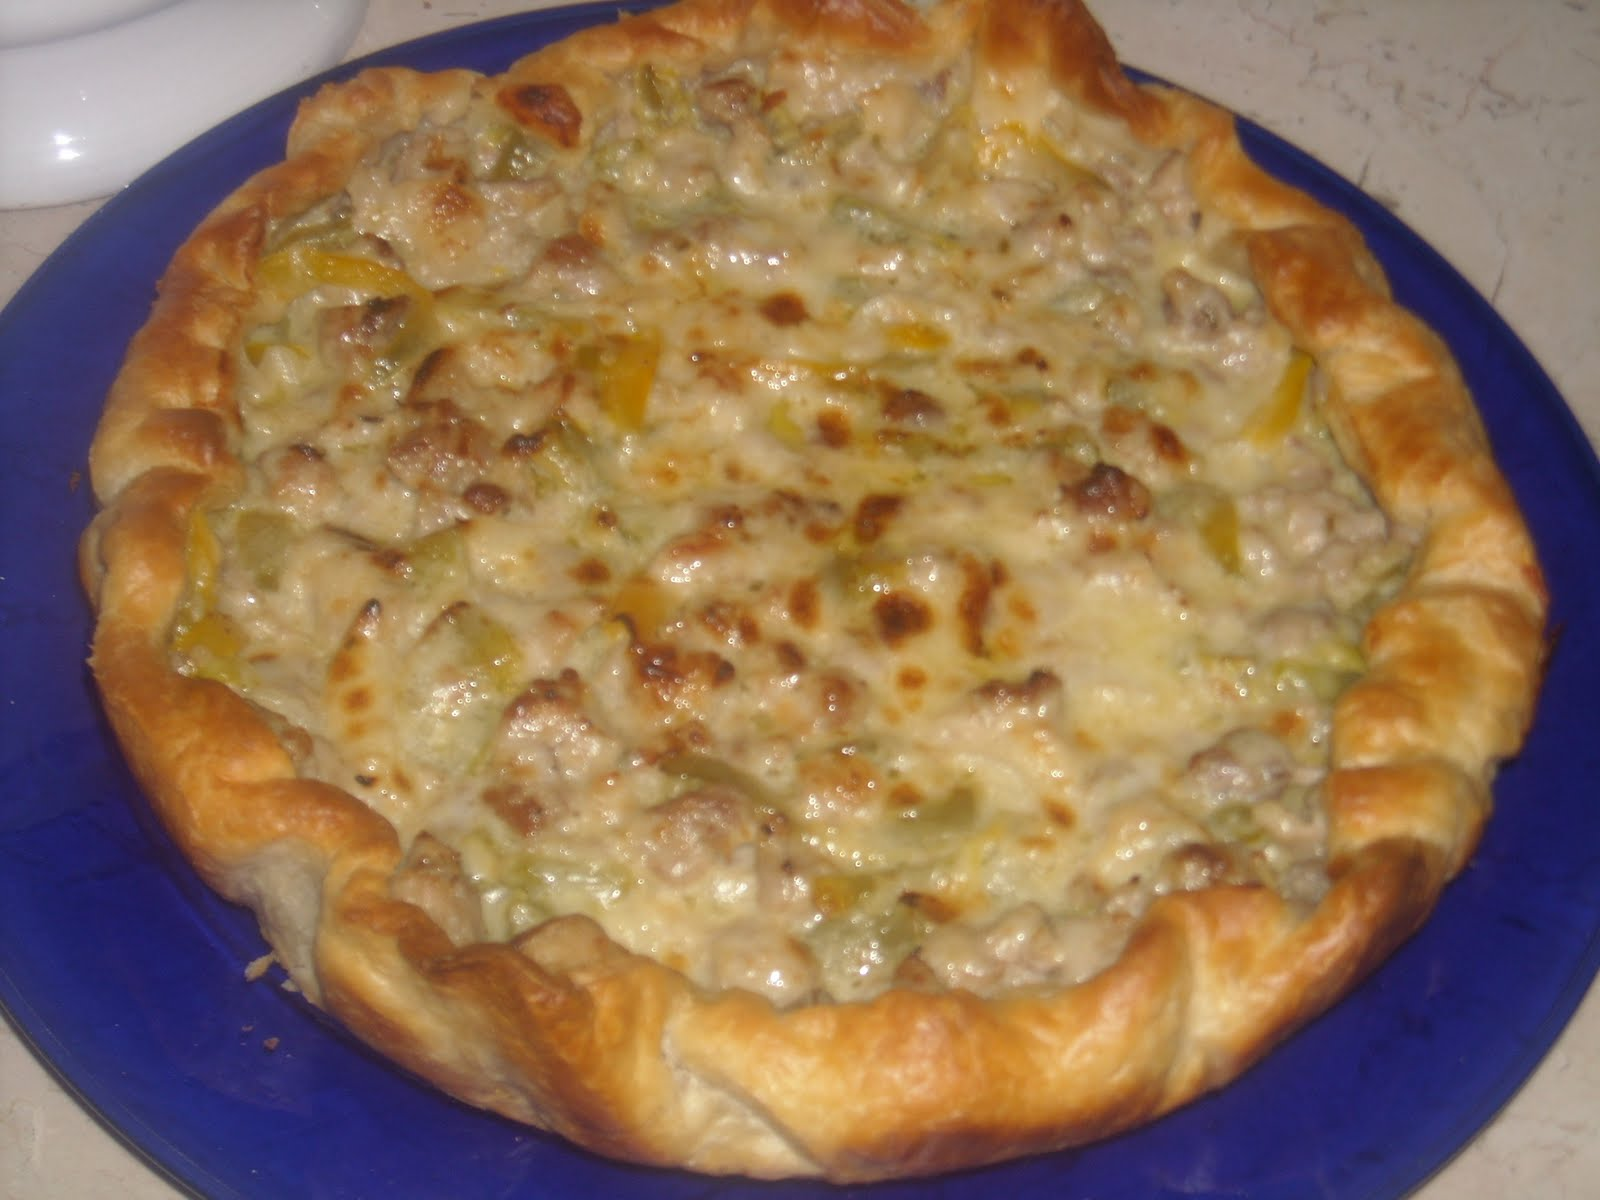 Le ricette di lella e torta salata con peperoni for Ricette di torte